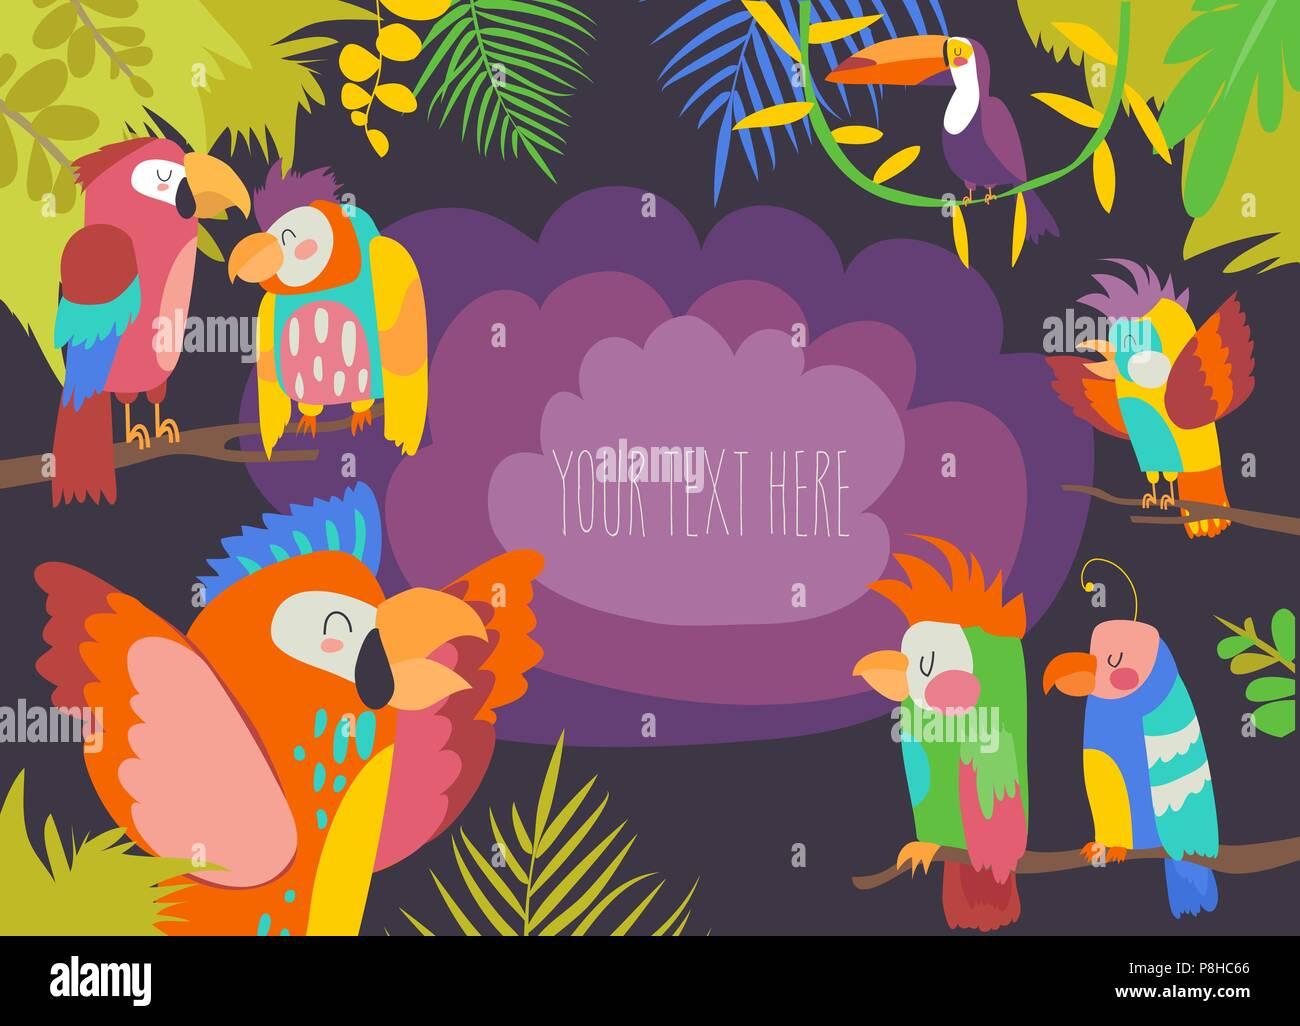 Cartoon tropisches Paradies Rahmen mit Papageien Vektor Abbildung ...